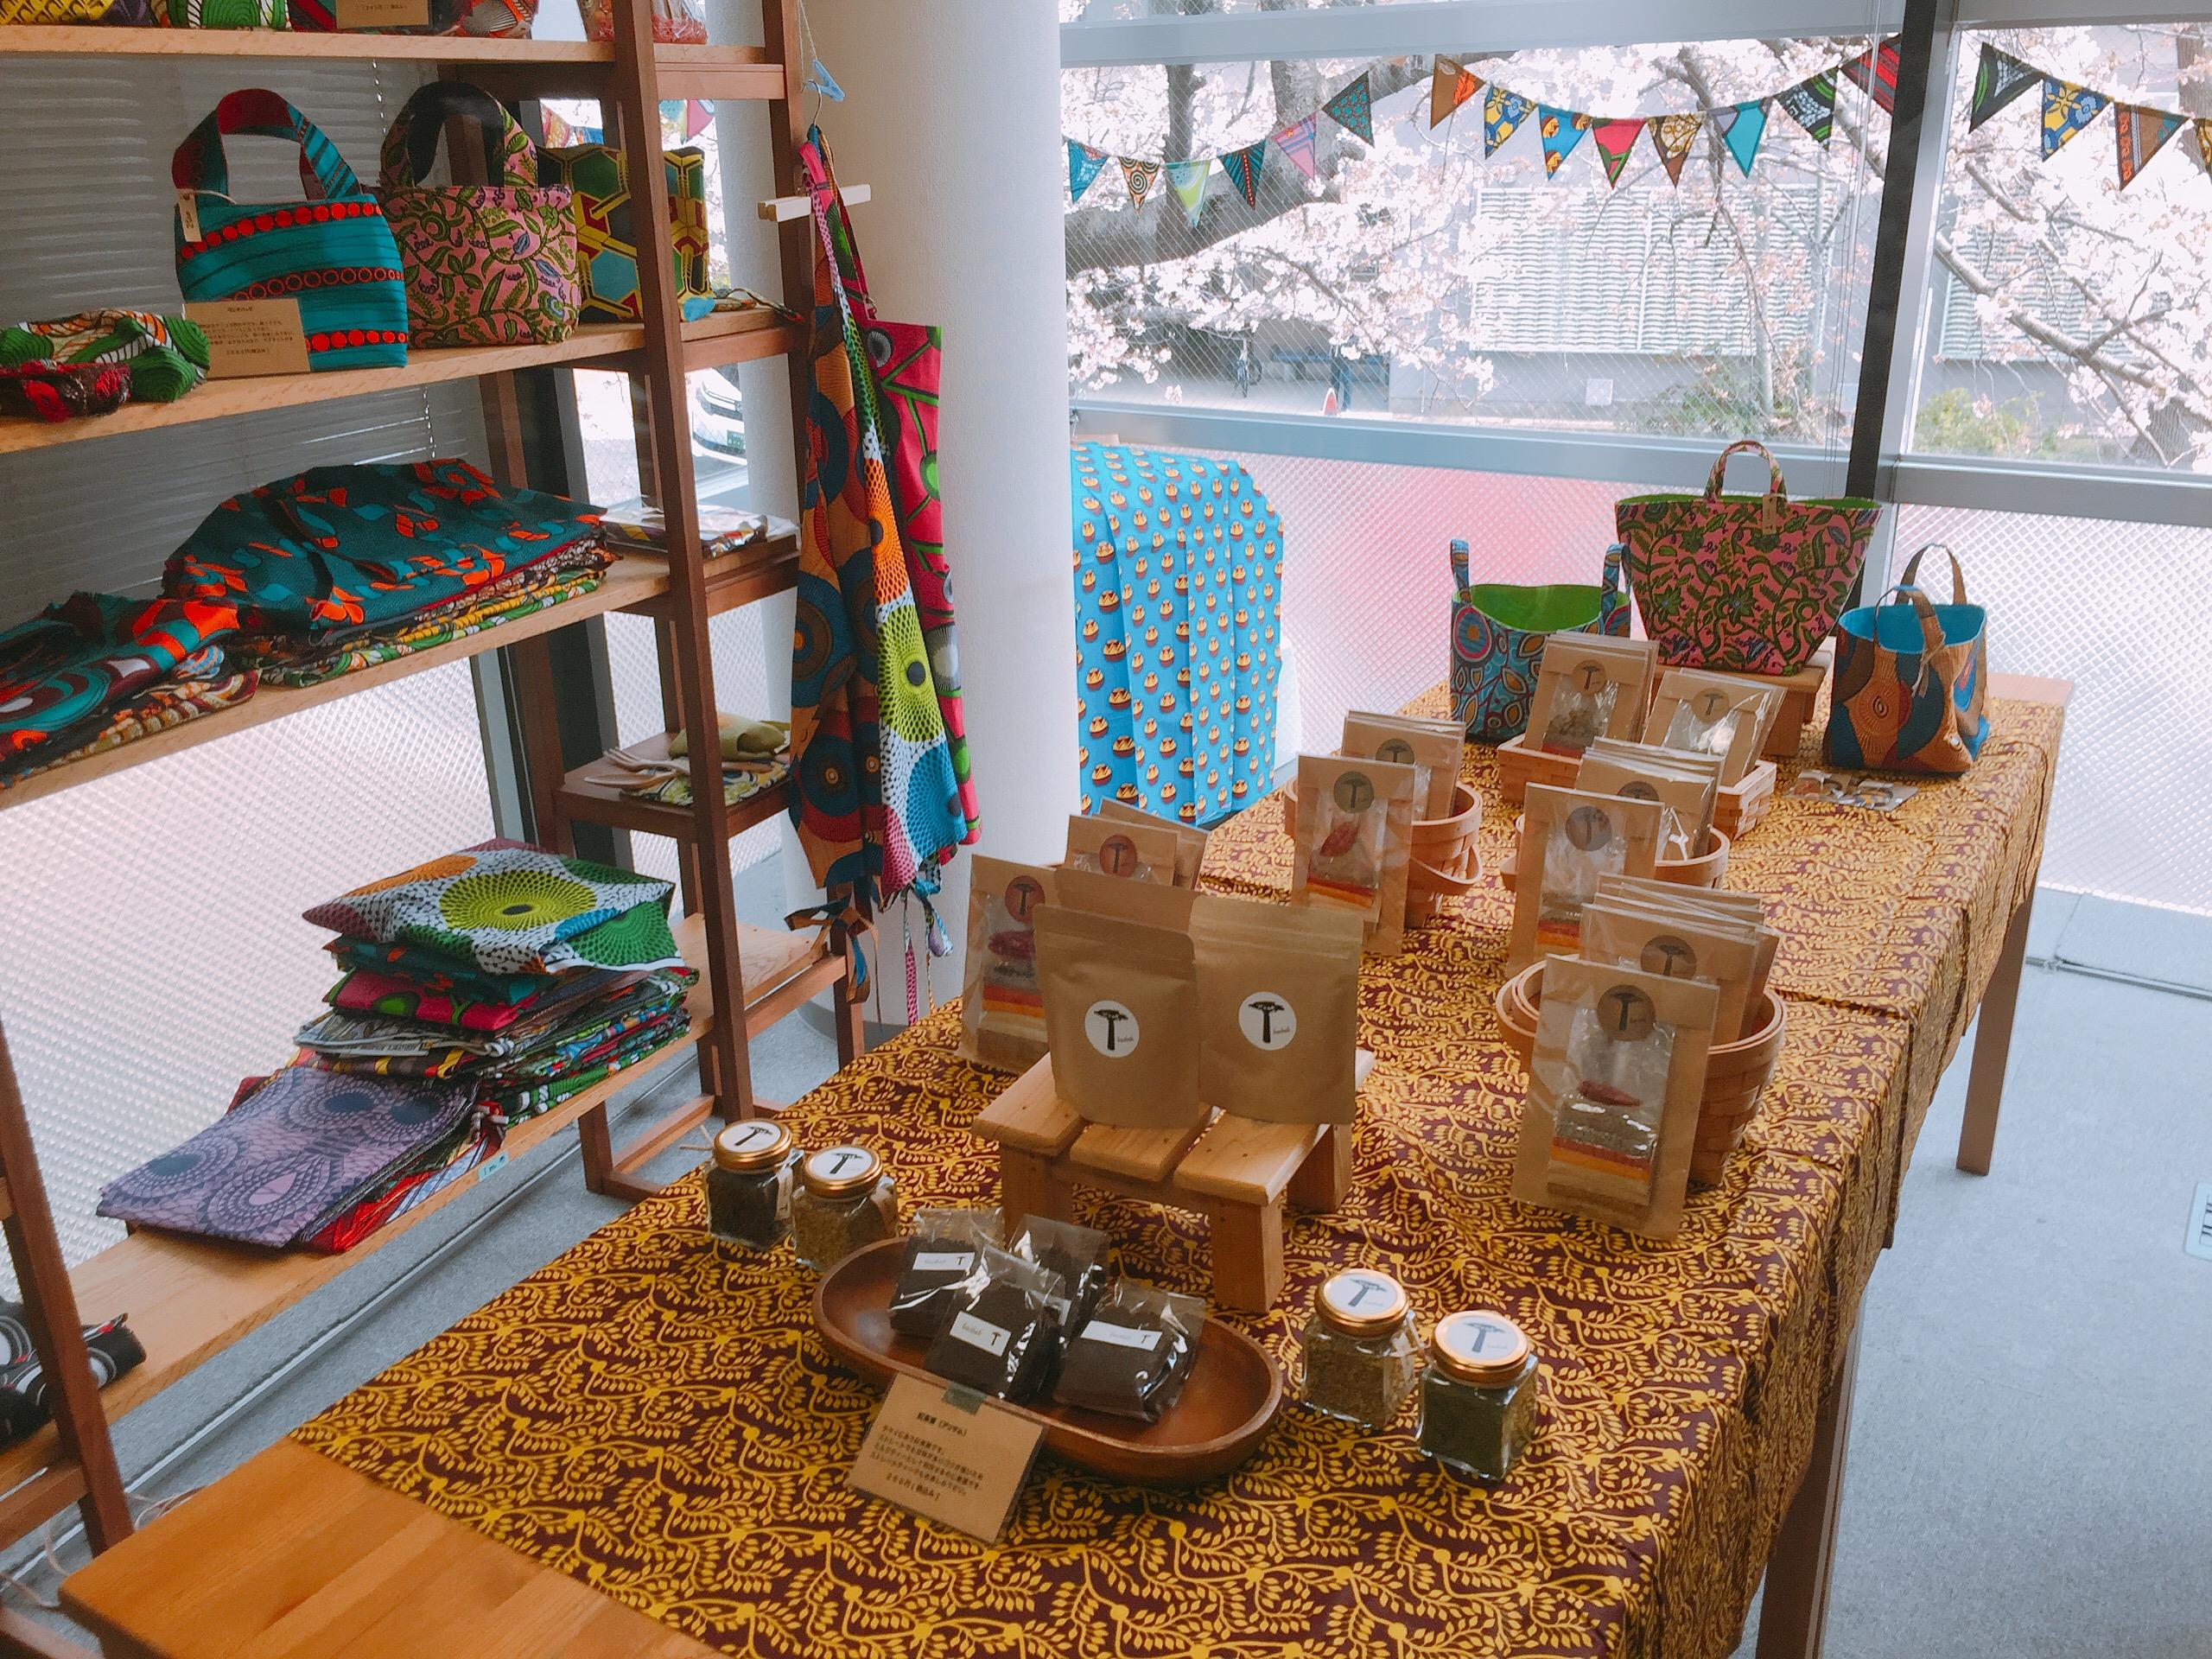 アフリカ布とスパイスのバオバブ ハンドメイド雑貨店